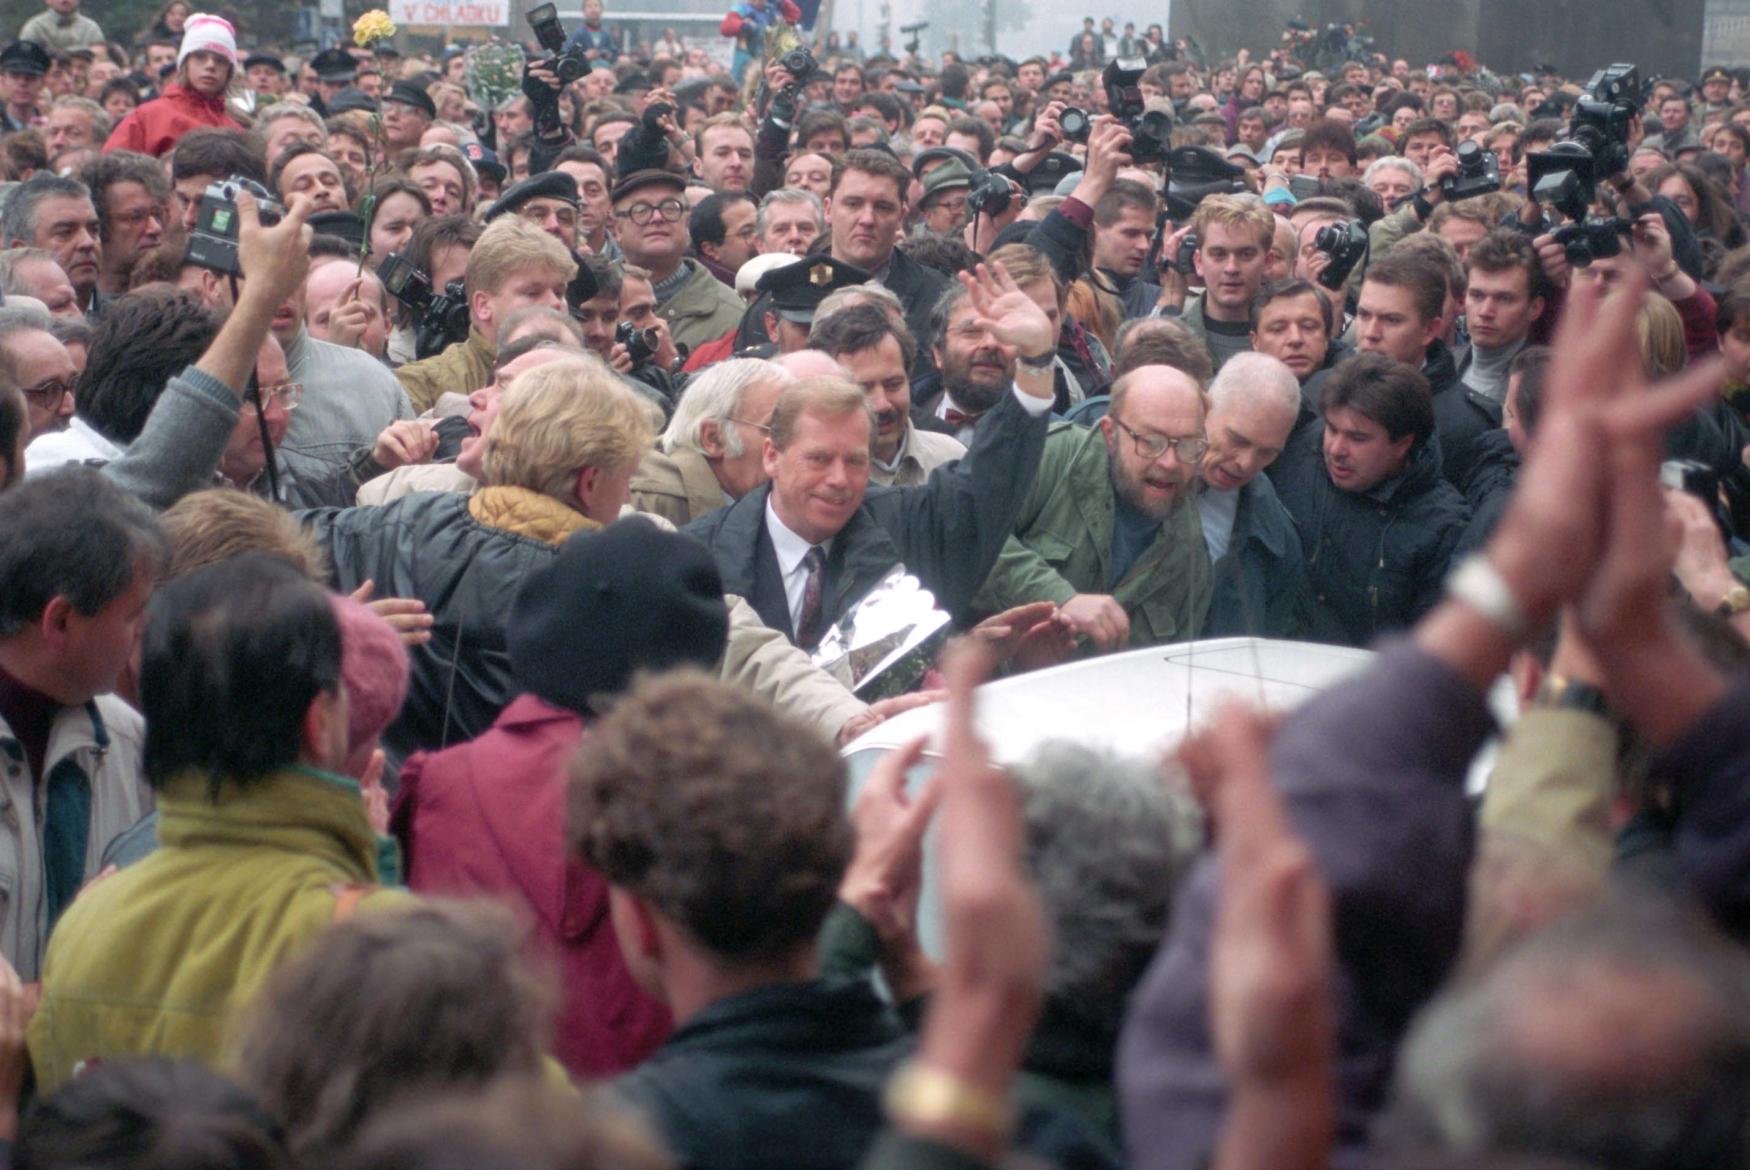 Oslava 75. výročí vzniku Československa v Praze - slavnostní akt u sochy sv. Václava na Václavském náměstí 28. října 1993